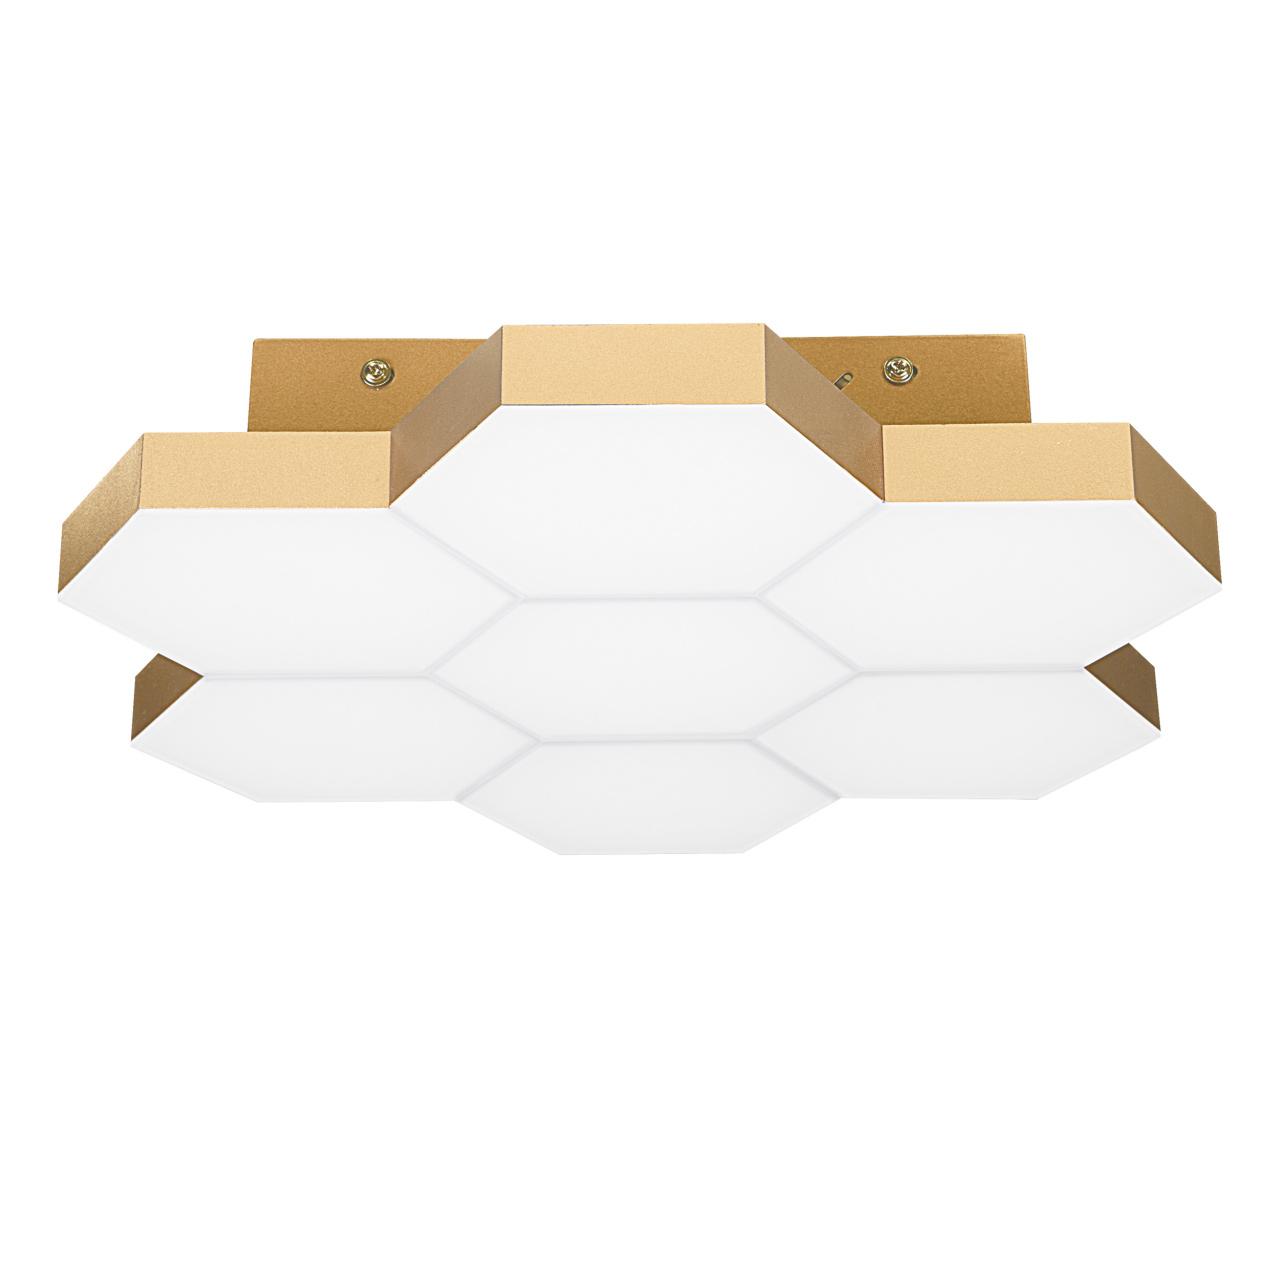 Светильник потолочный Favo LED-35W 1680LM satin gold 4000K Lightstar 750073